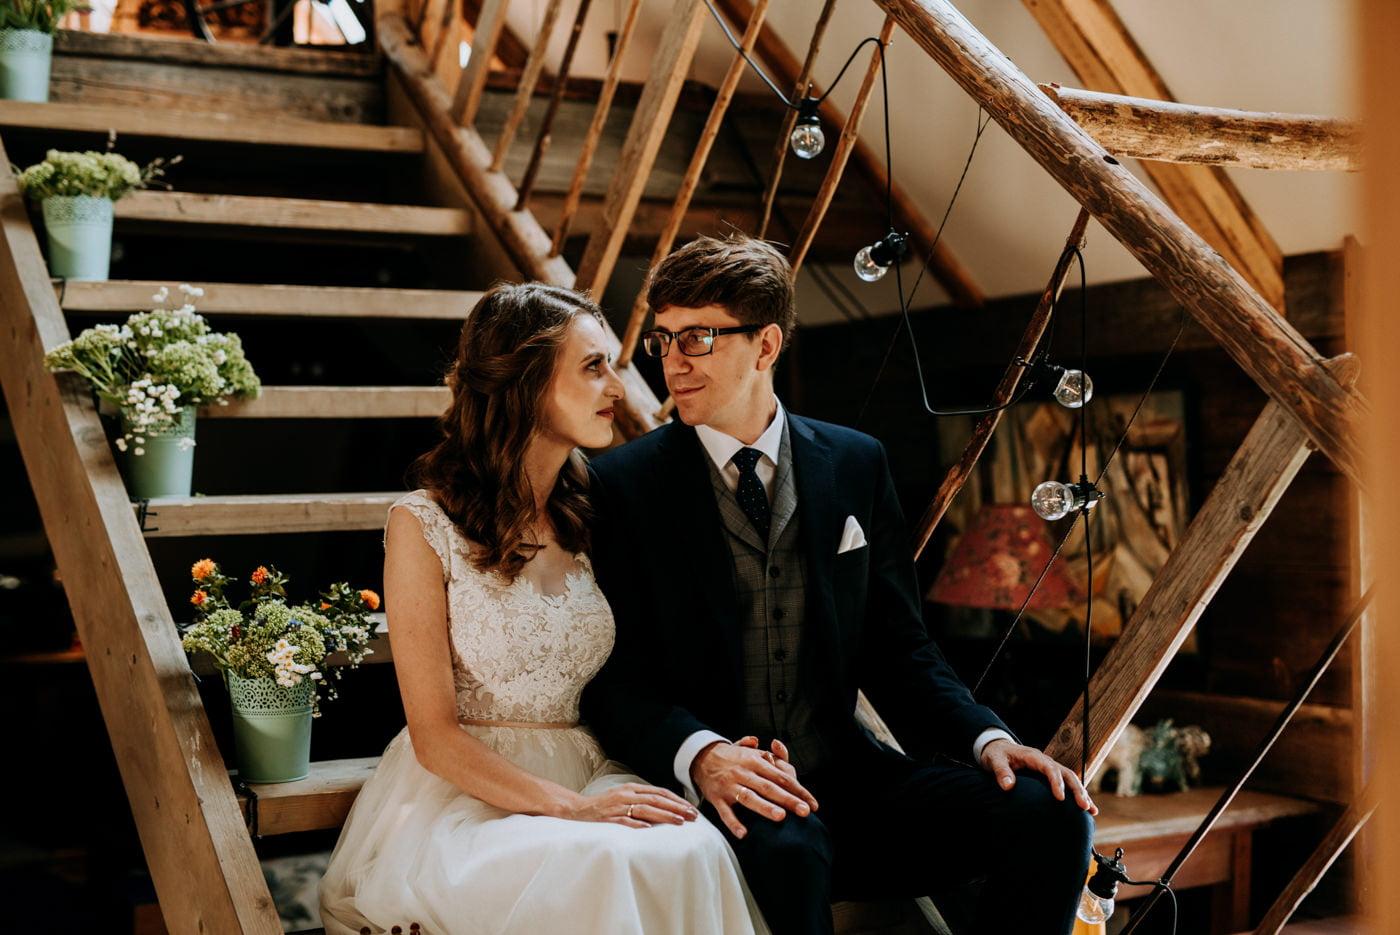 Sesja ślubna w stodole u Jojo - Monika i Kamil 12